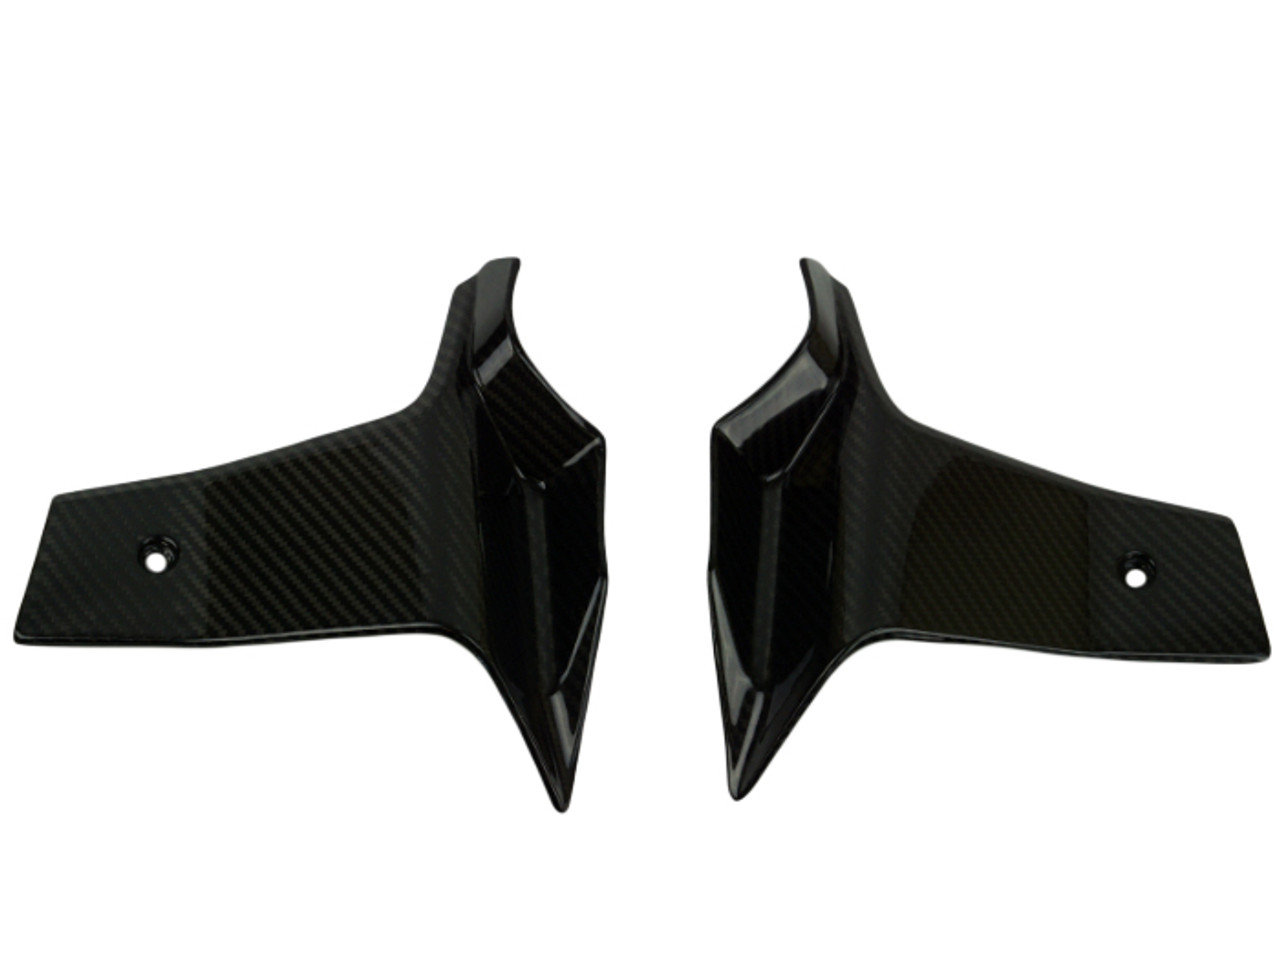 Radiator Spoilers in Glossy Twill Weave Carbon Fiber for KTM 1290 Super Duke GT